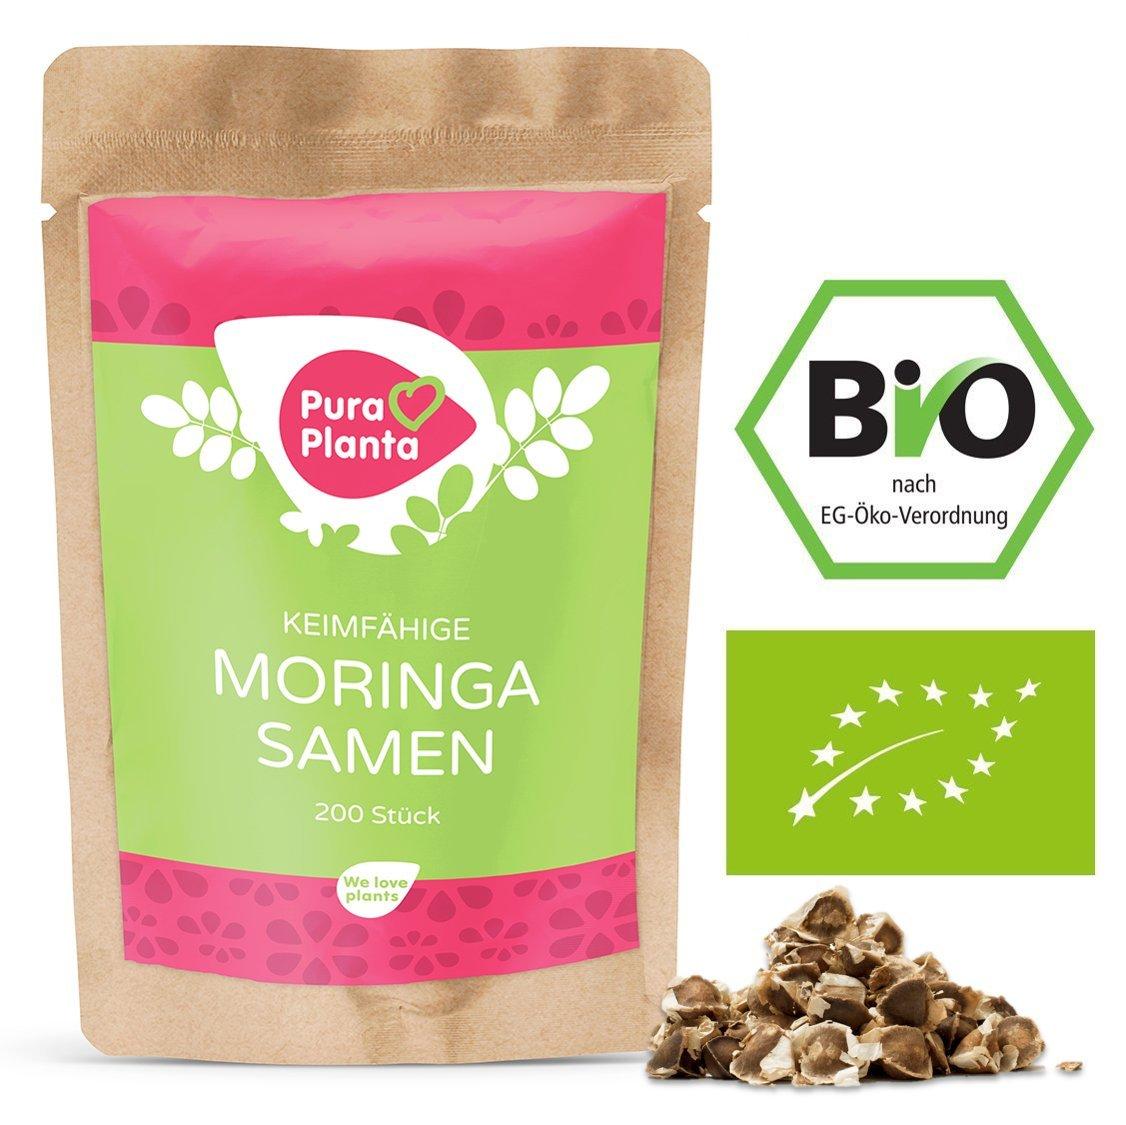 Moringa Samen kaufen BIO